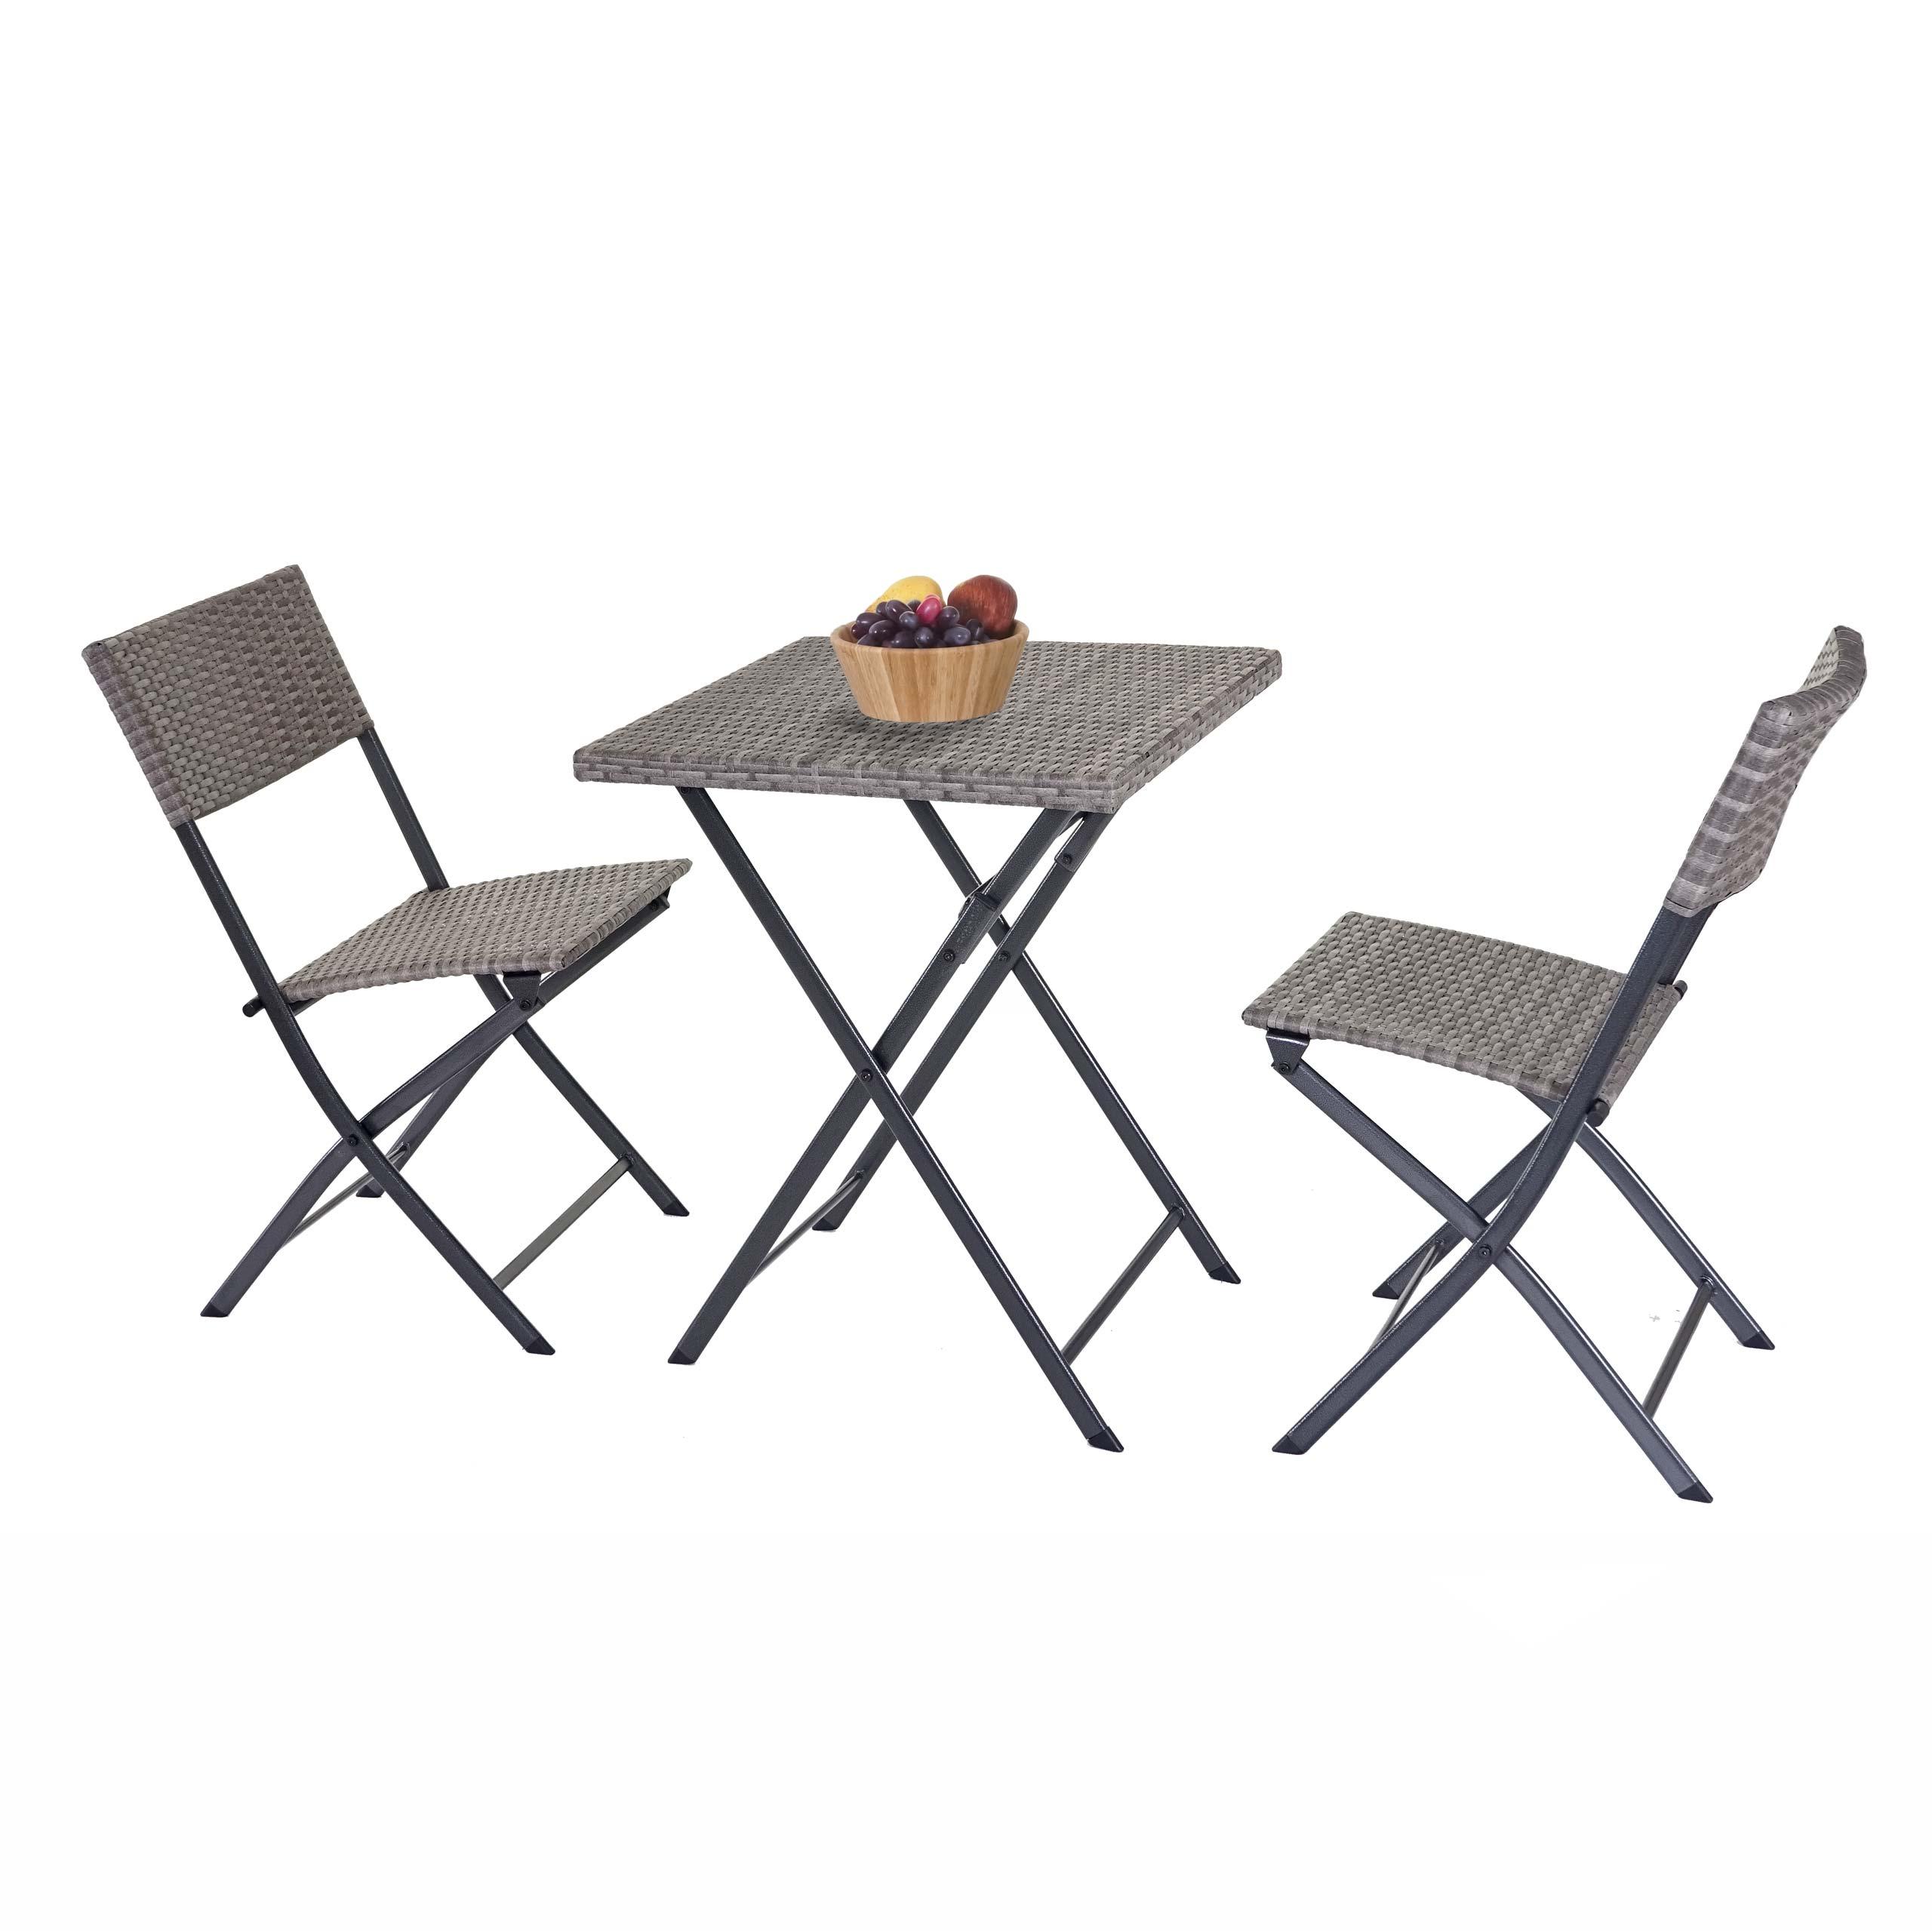 Mendler Salottino da Esterno 2X sedie con tavolino HWC-E23 polyrattan Marrone